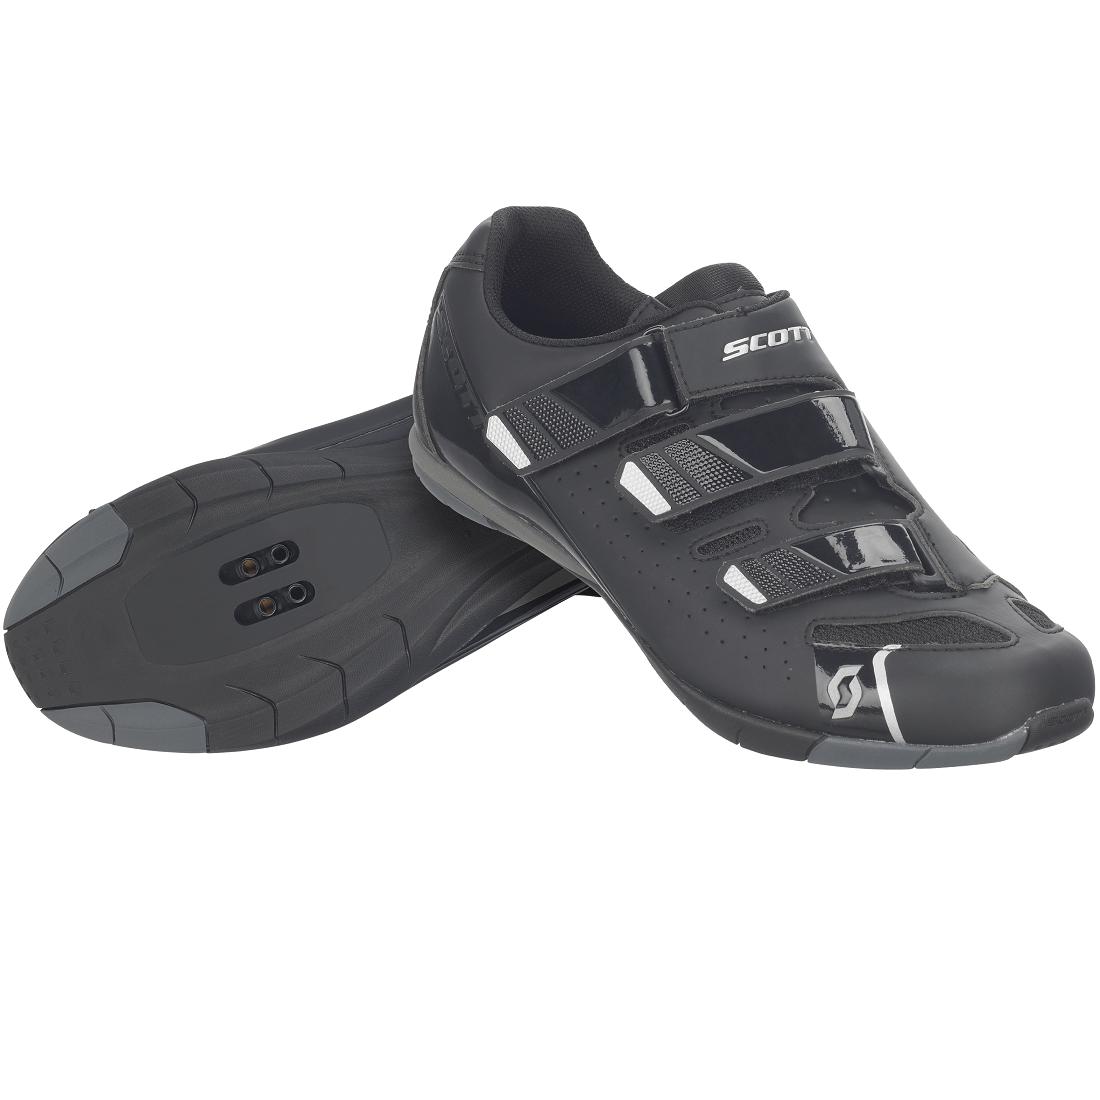 Scott Road Tour shoe 2018